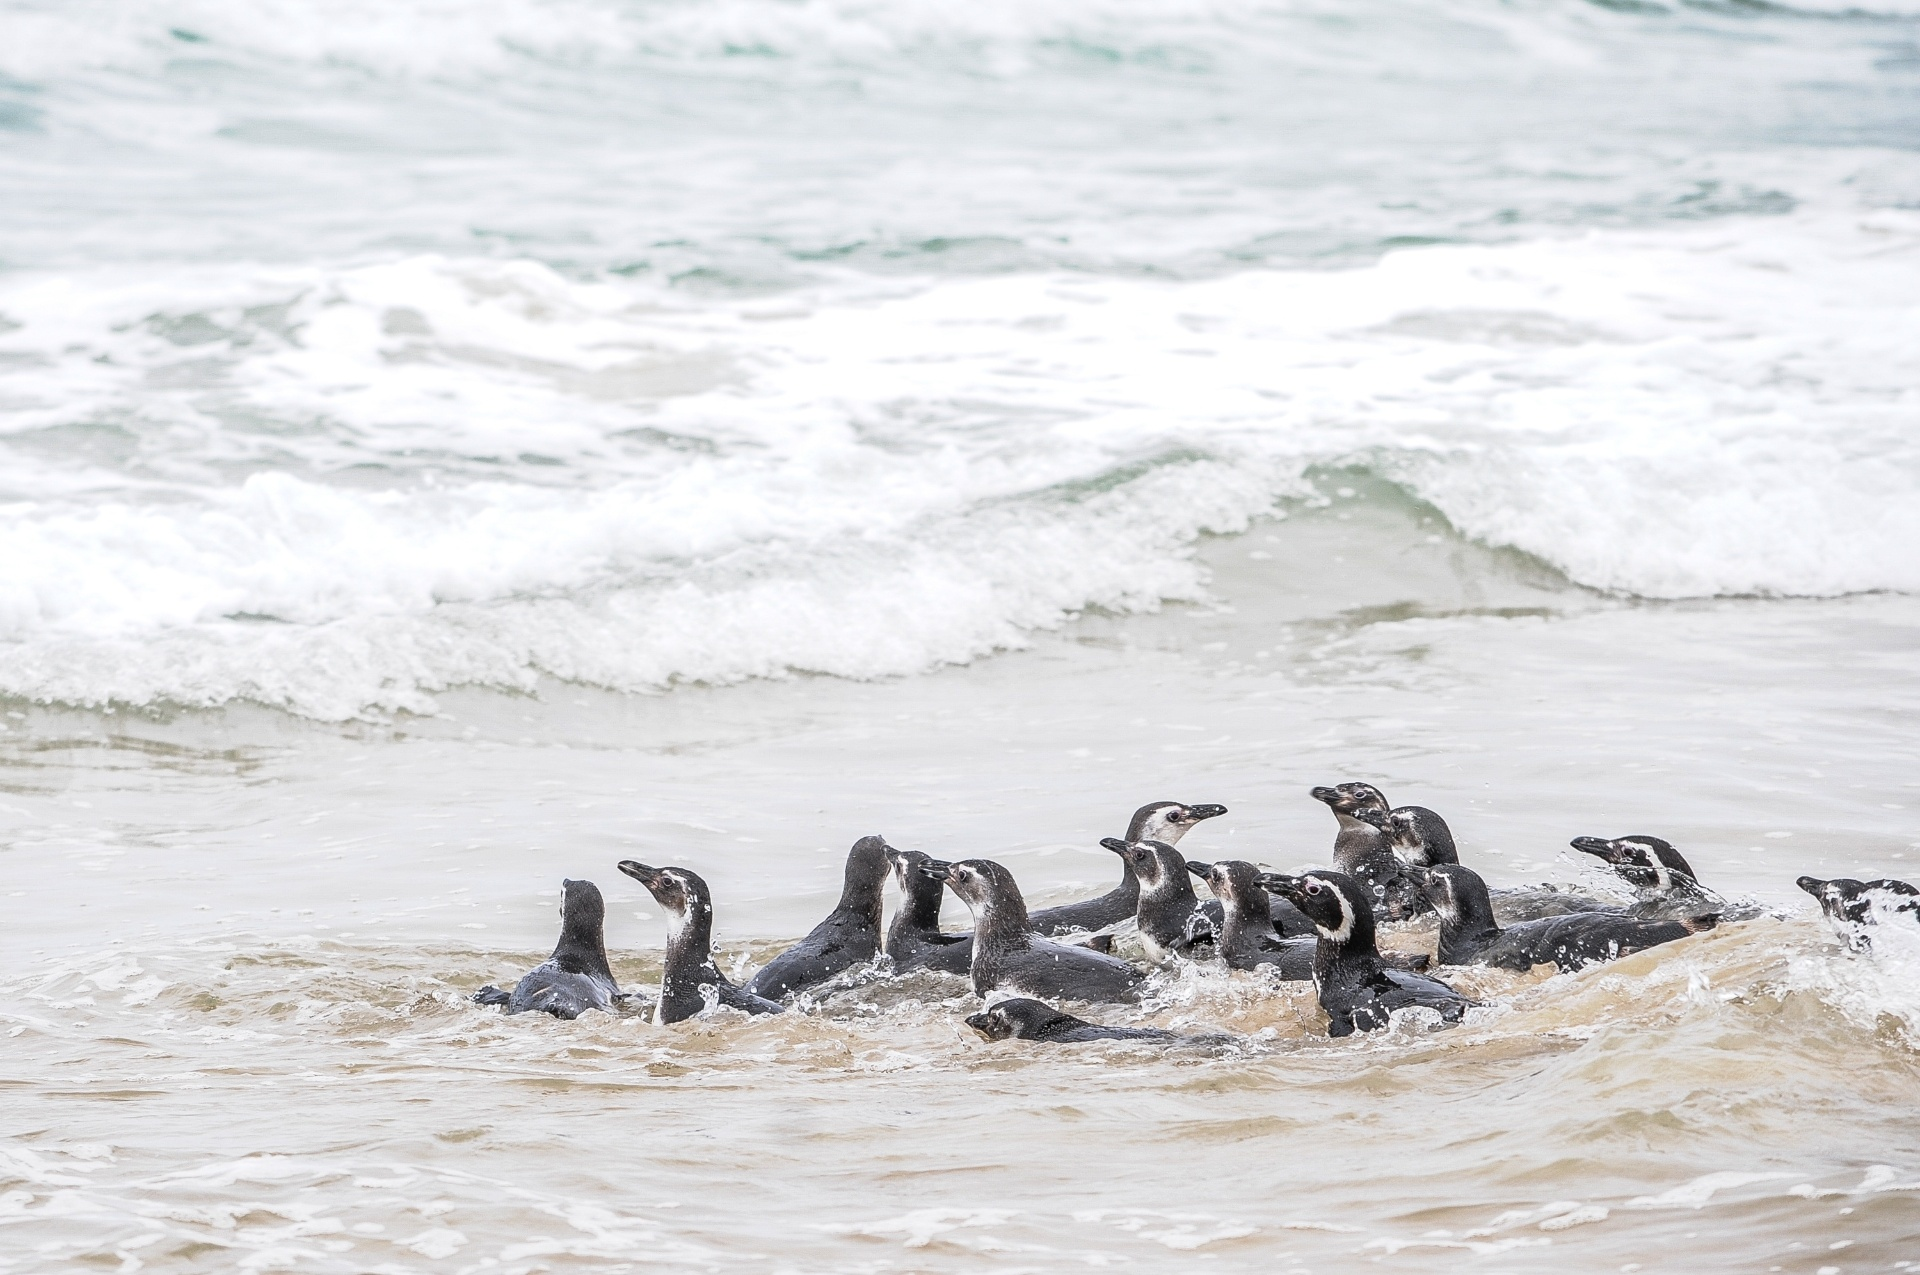 10.out.2016 - Pinguins reencontram mar após tratamento em Florianópolis (SC)